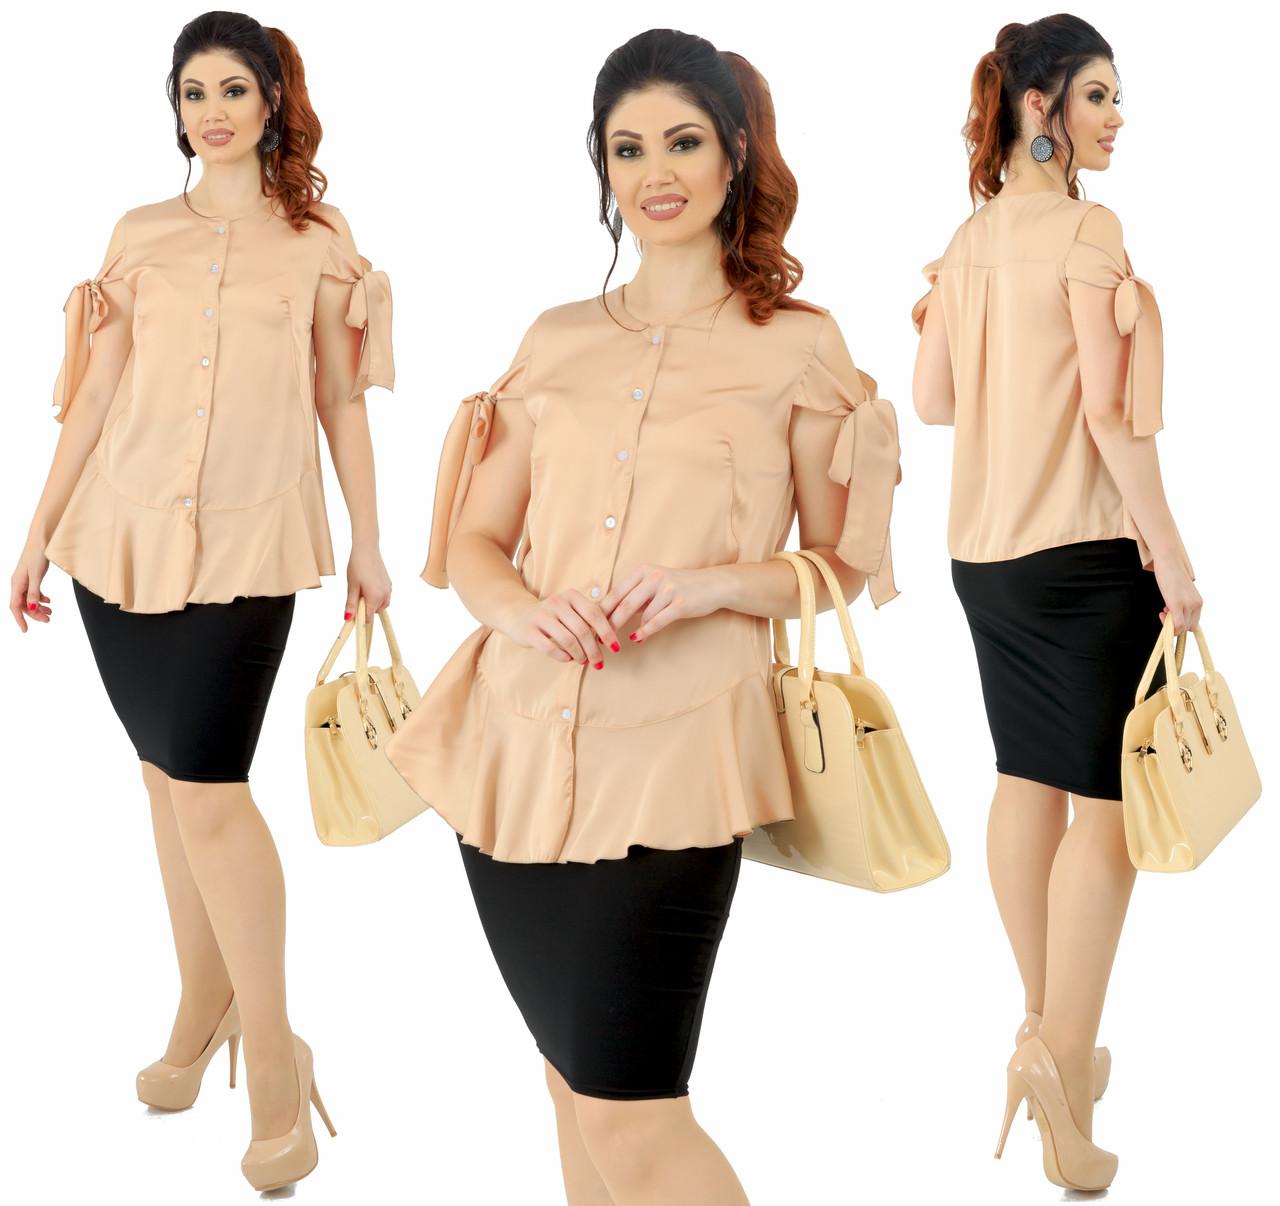 """Женский костюм """"Марго"""" большие размеры от 48 до 54 блузка и юбка карандаш  код 92/9004"""